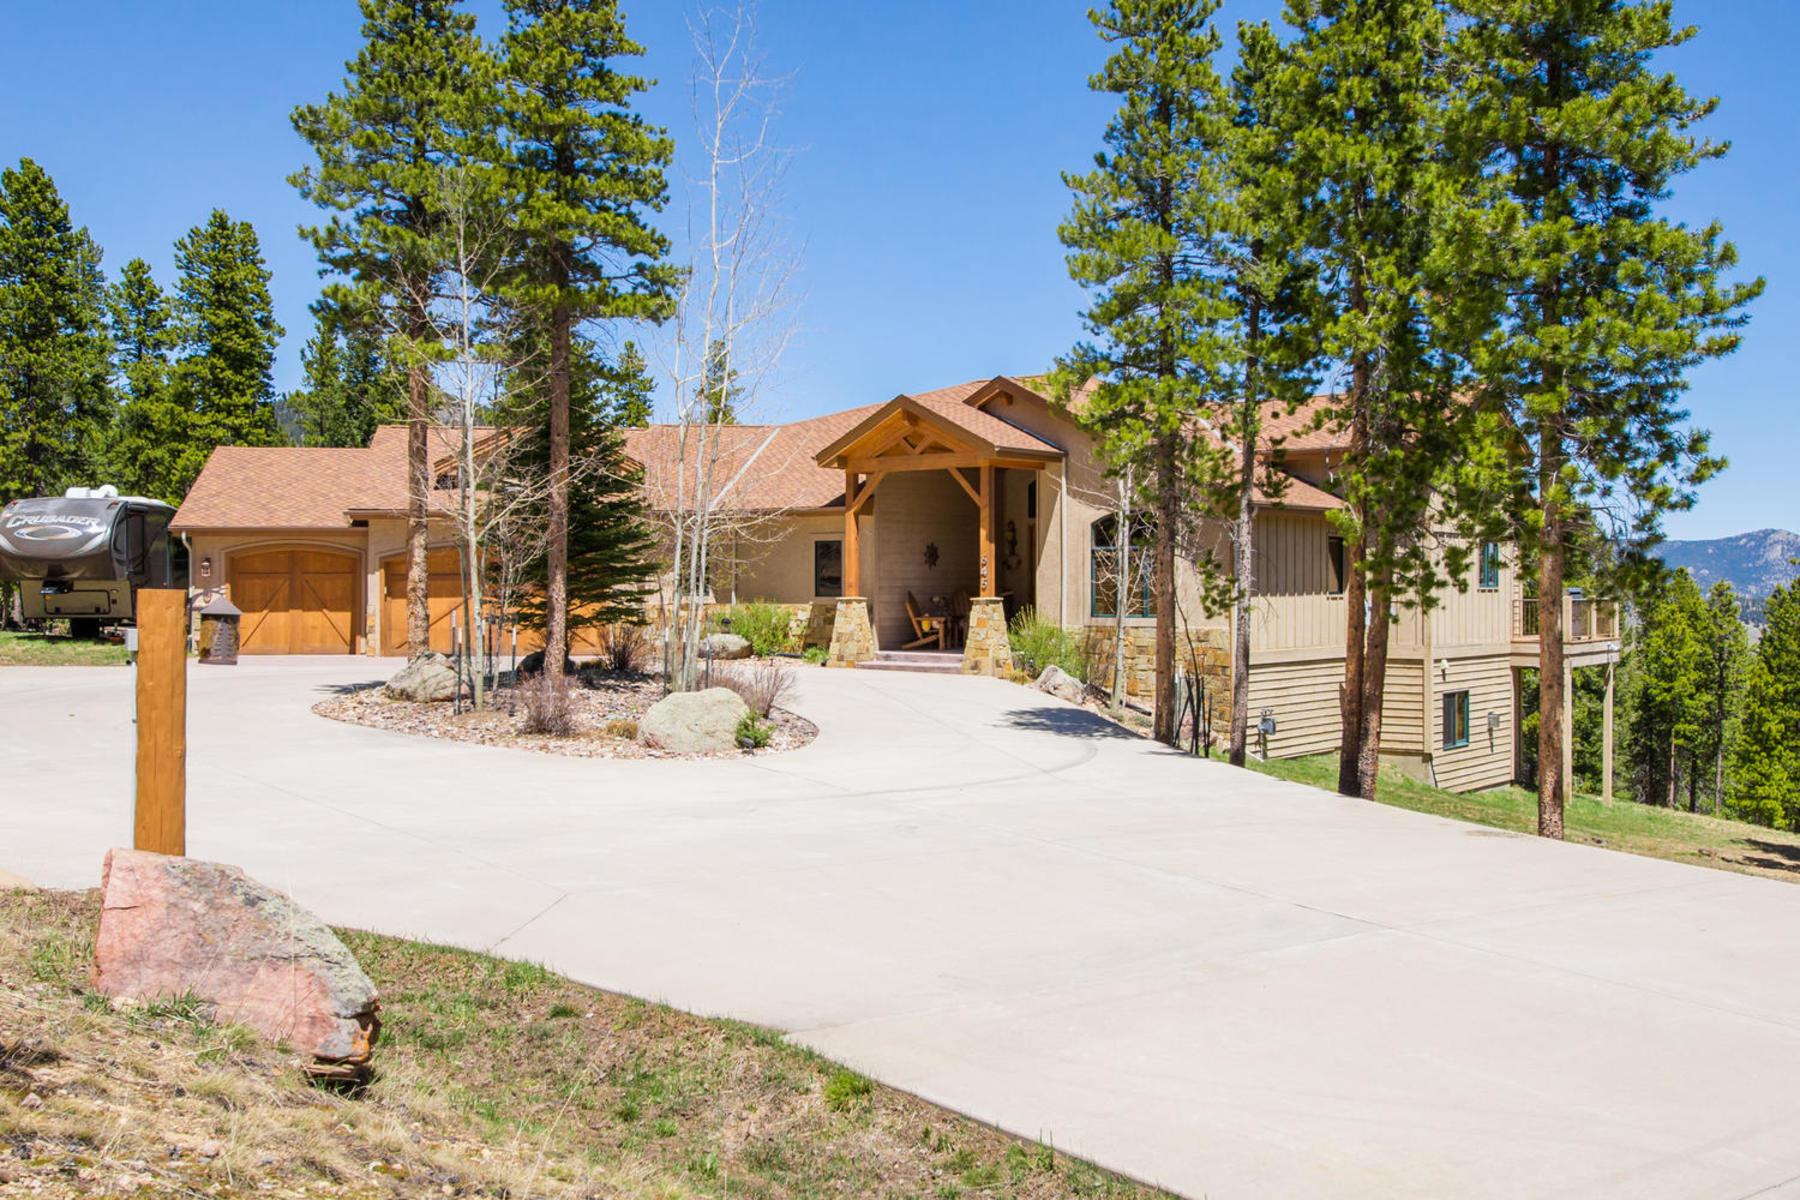 Maison unifamiliale pour l Vente à Breath taking mountain views 645 Old Squaw Pass Road Evergreen, Colorado, 80439 États-Unis